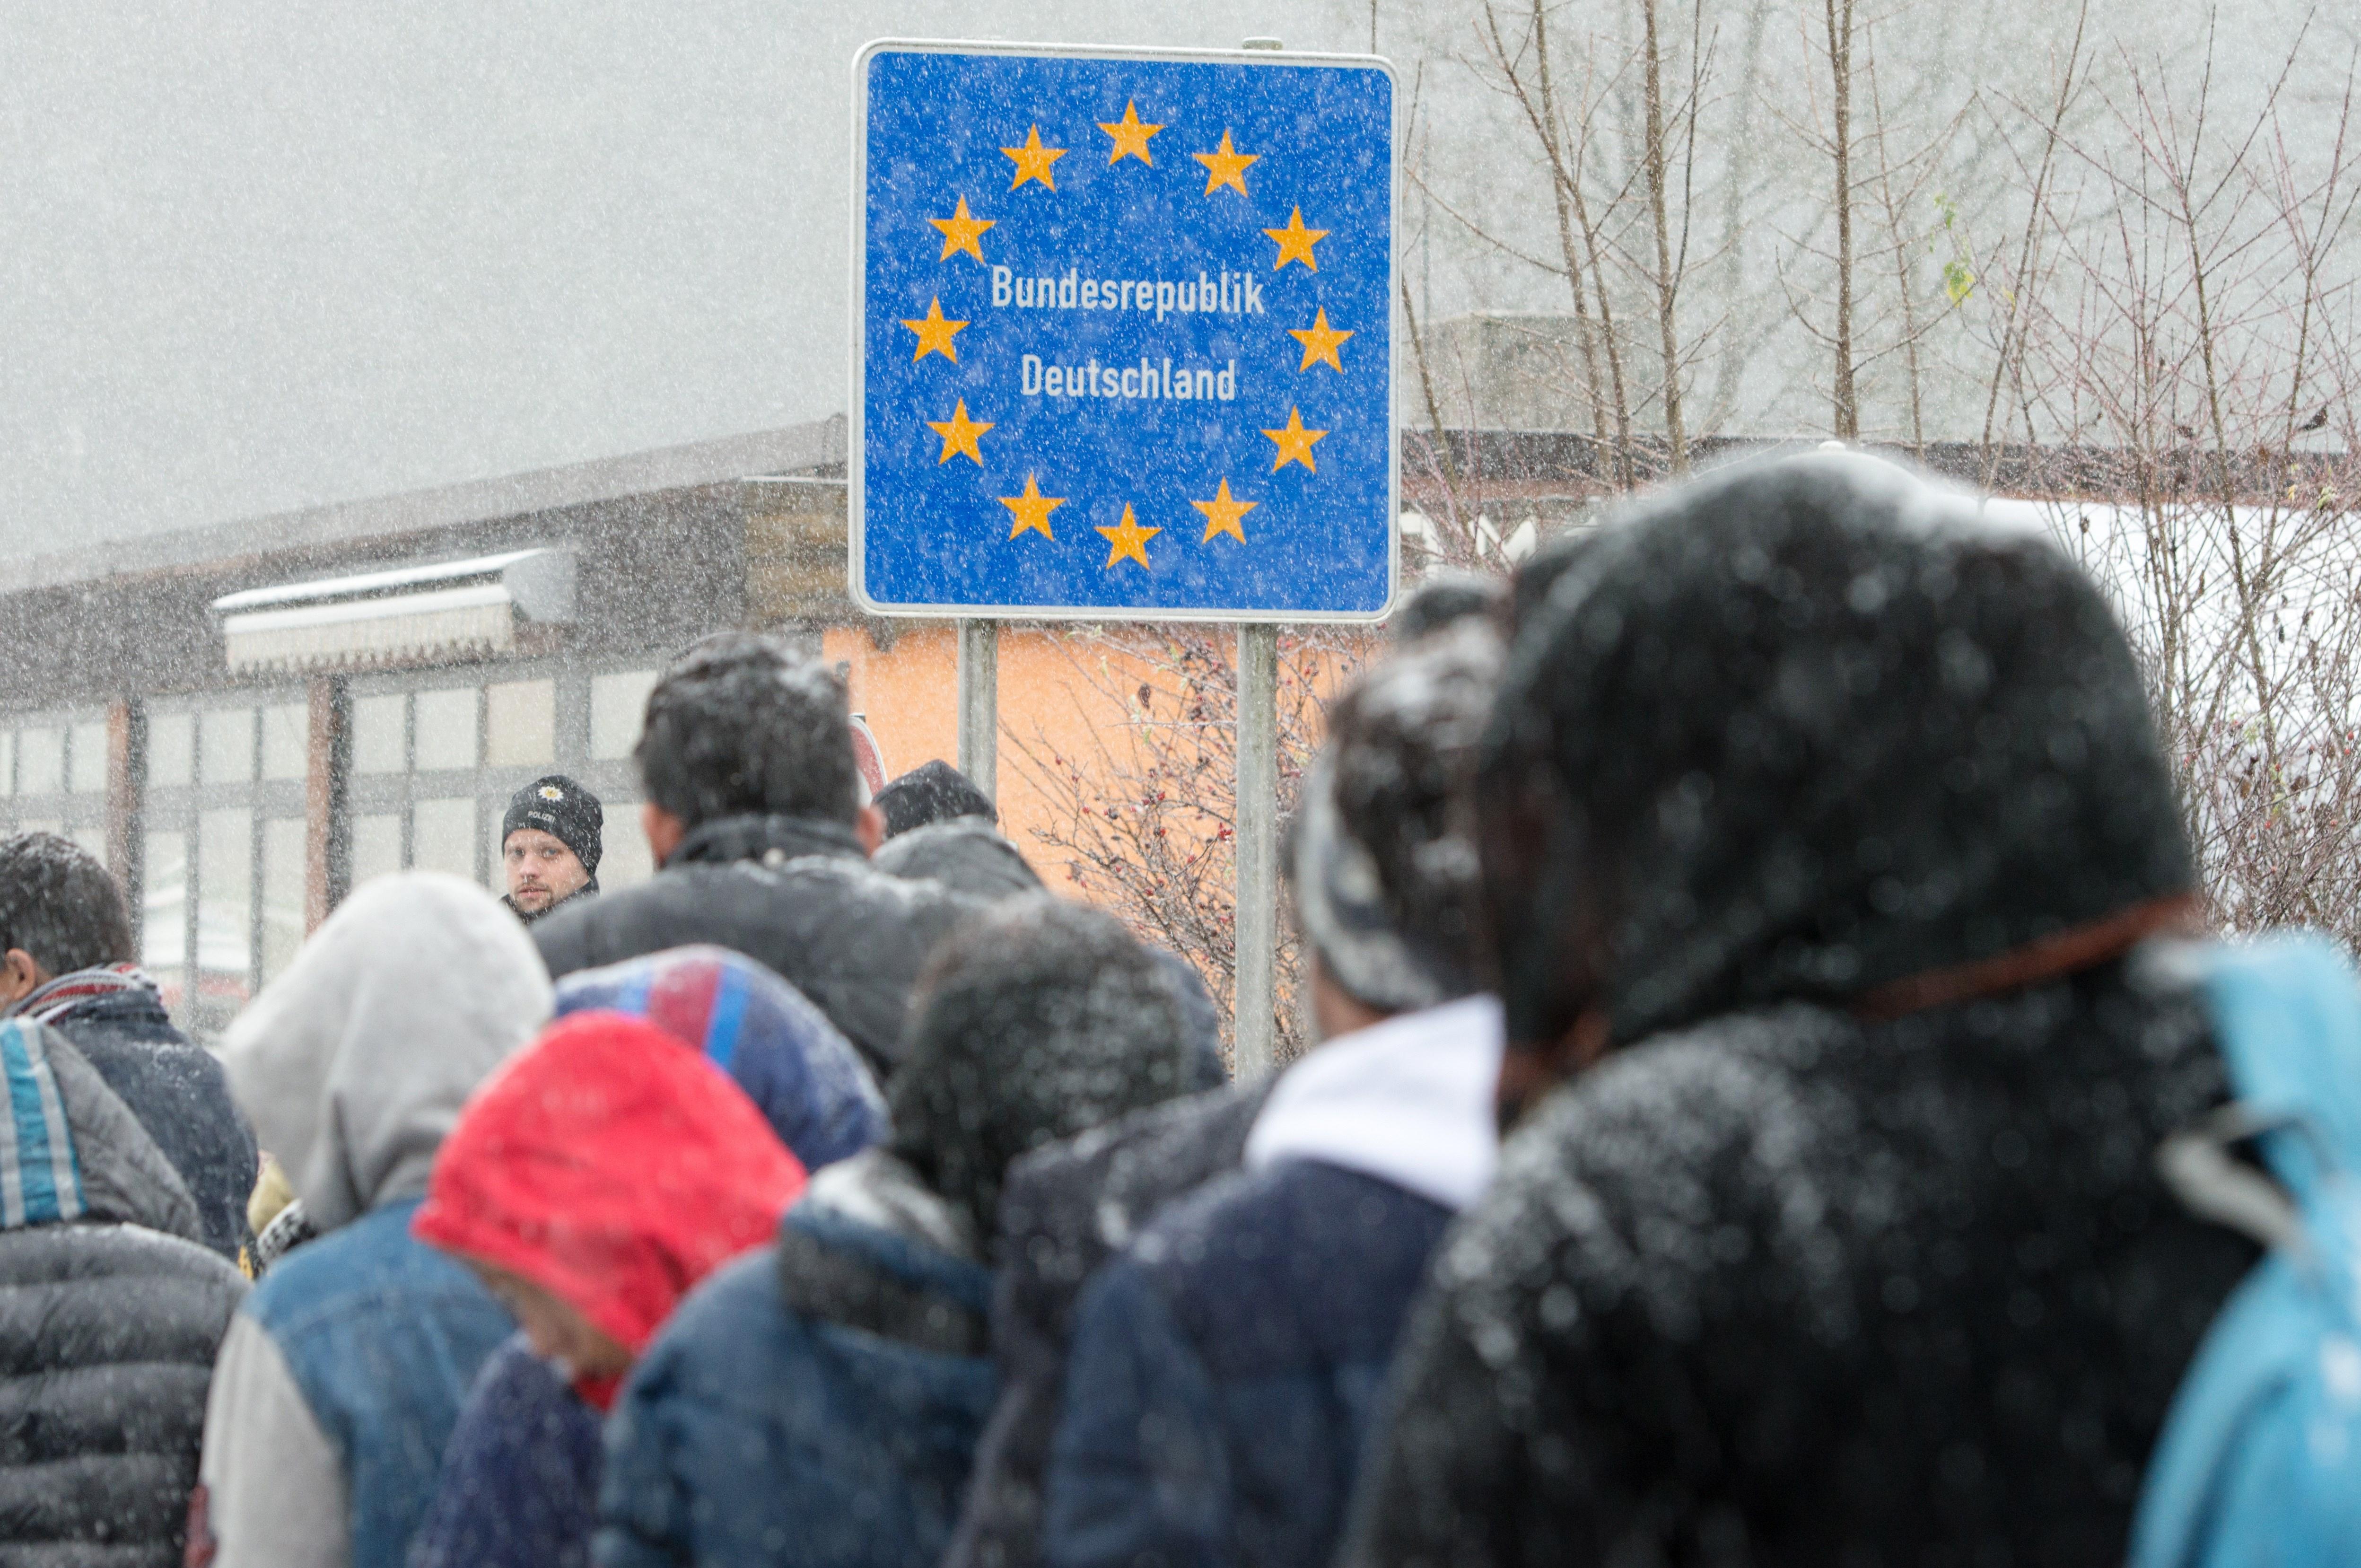 Regierung lehnt feste Obergrenze für Flüchtlinge ab